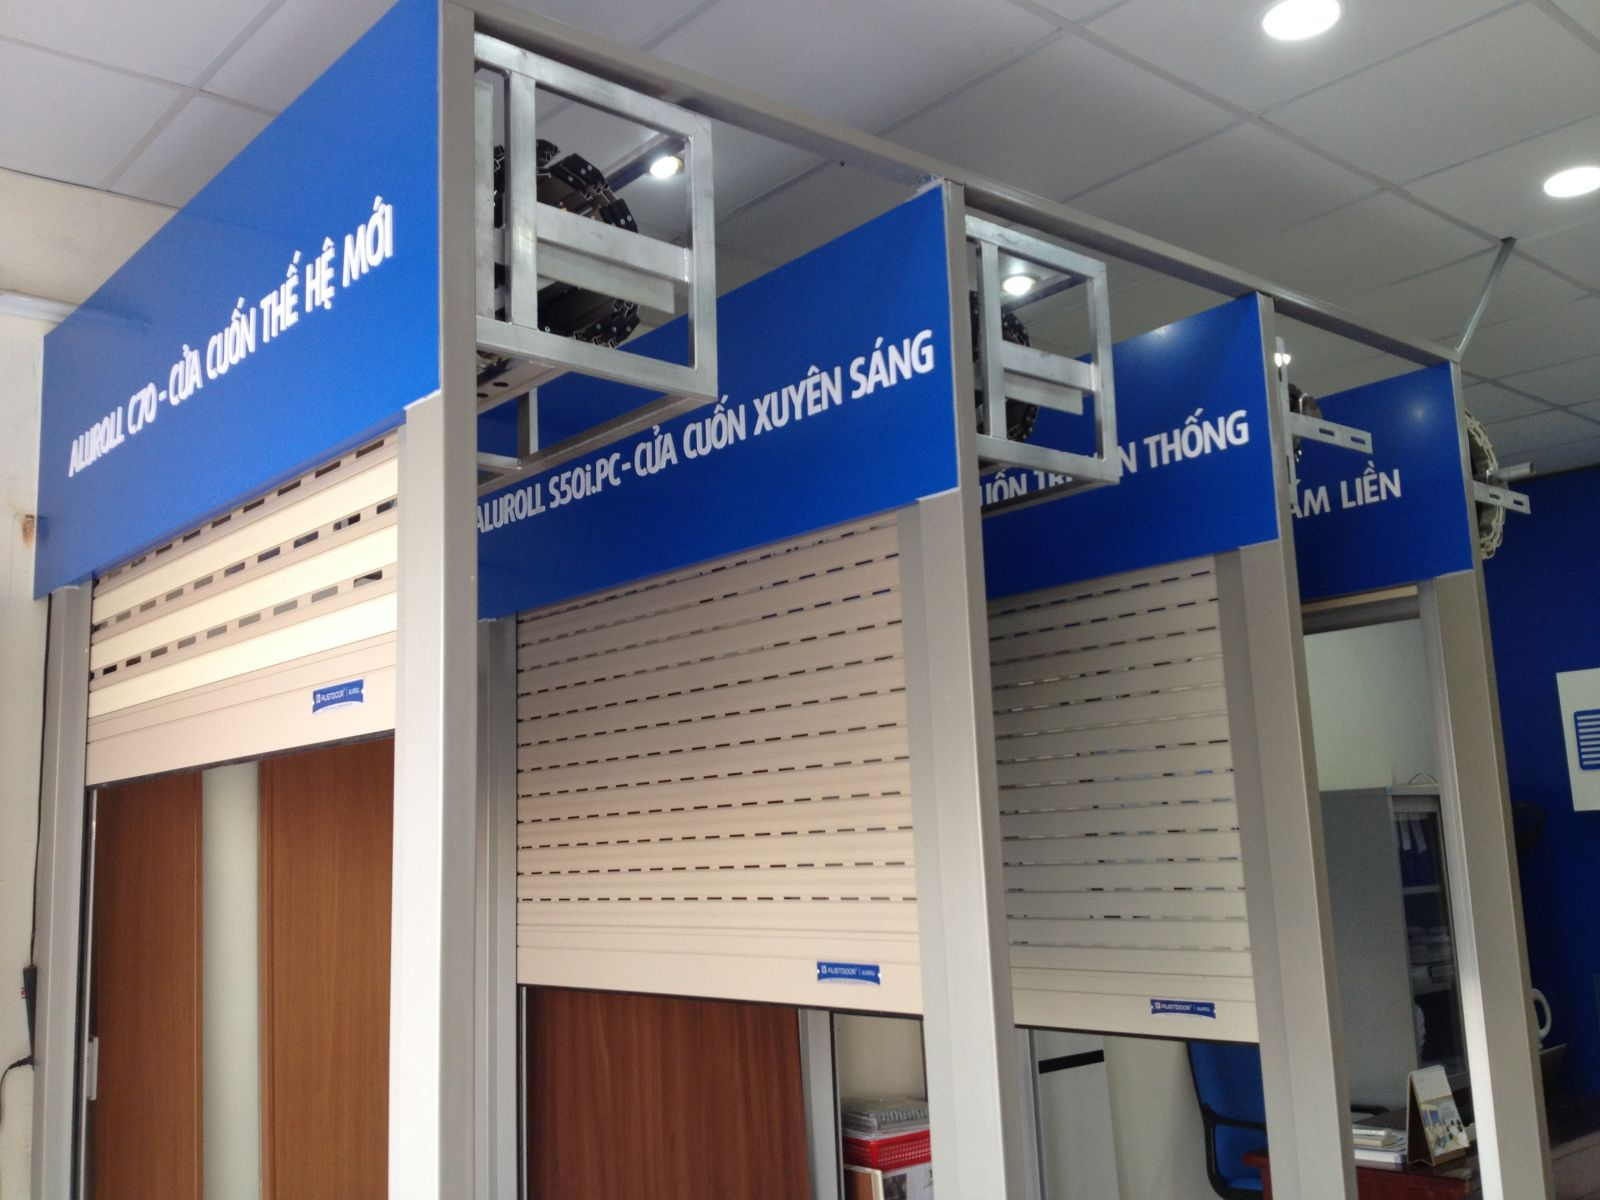 Cửa Cuốn Austdoor Quận Gò Vấp - Nhận Biết Cửa Cuốn Chính Hãng